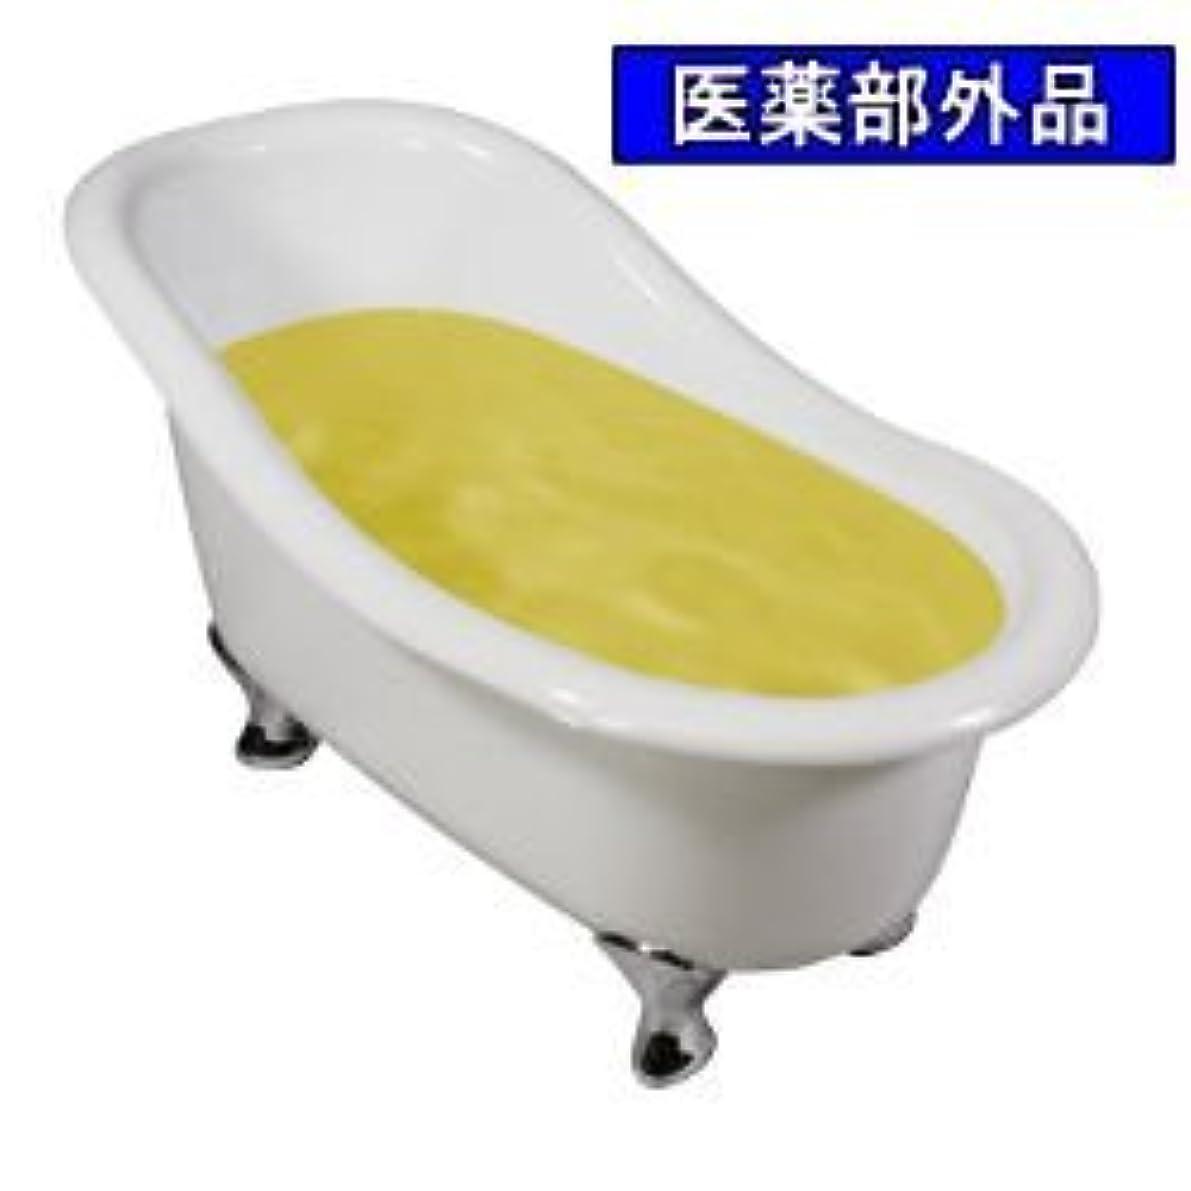 不変つかまえる検索エンジンマーケティング薬用入浴剤バスフレンド みかん 17kg 医薬部外品